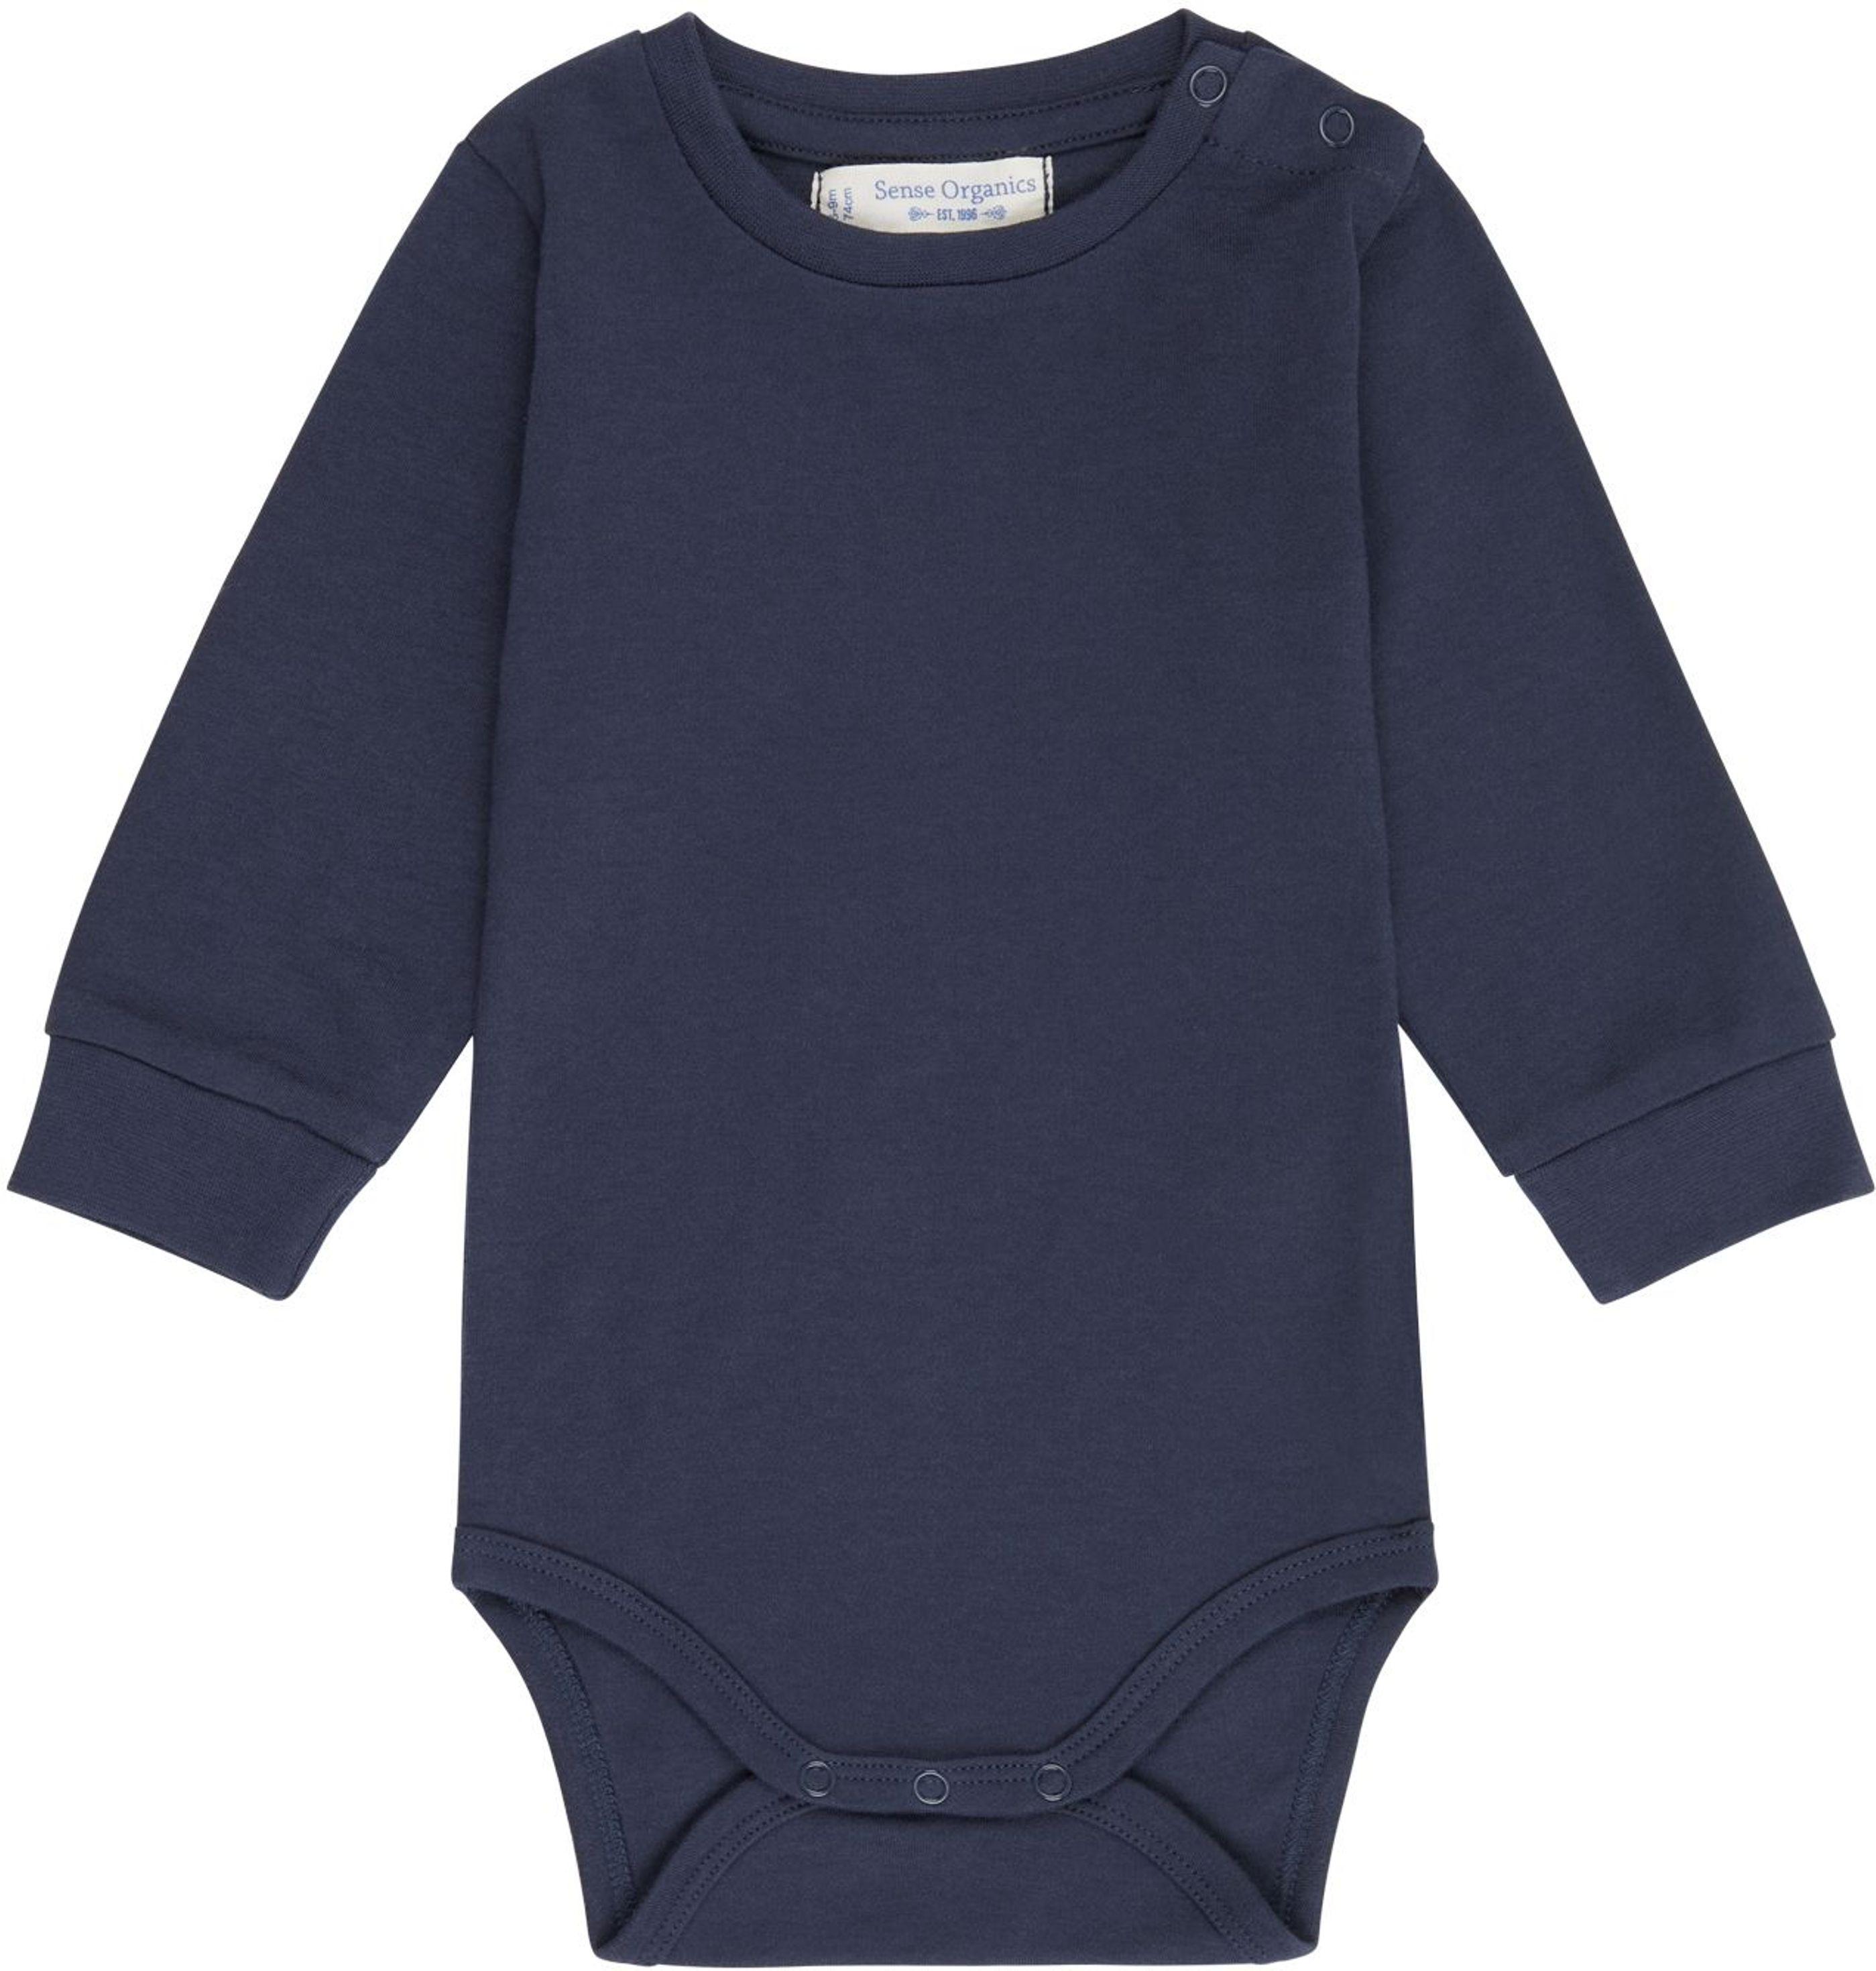 Sense Organic MILAN Baby Body L/S navy